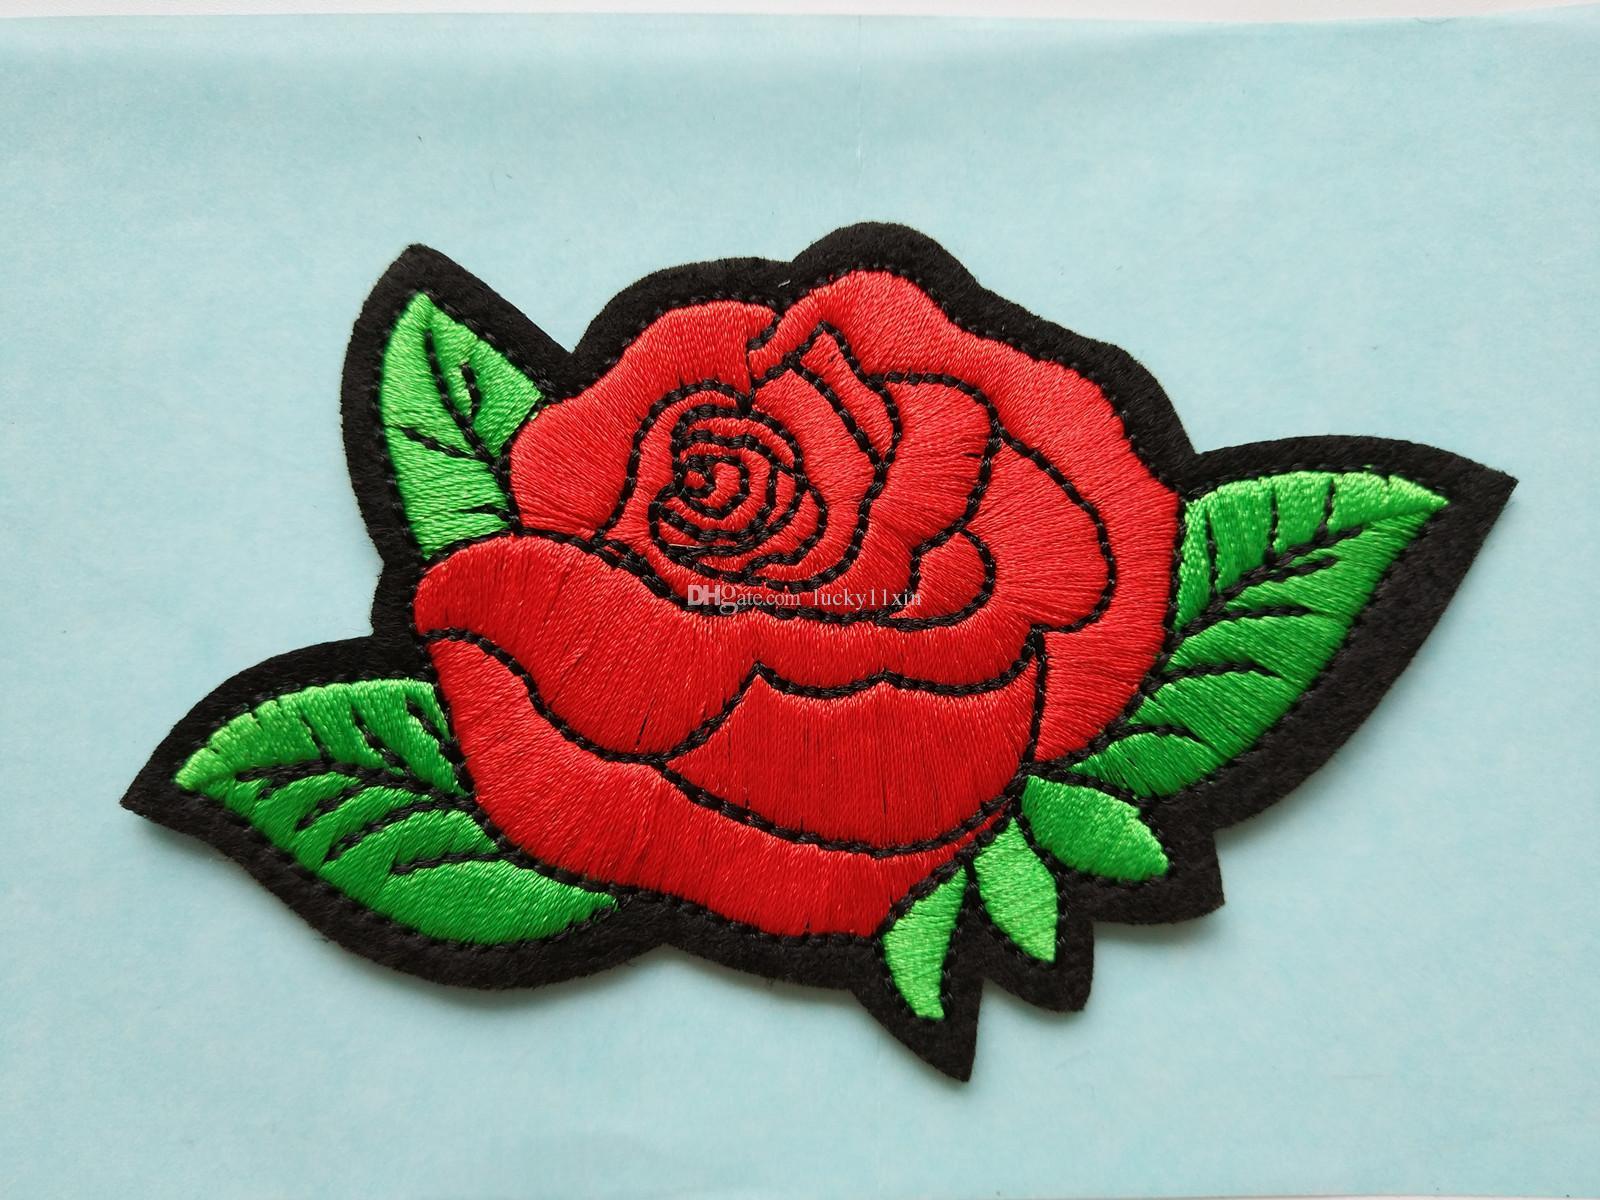 Compre Flores Bonitos Folha De Rosa Vermelha Ferro Em Patch Bordado